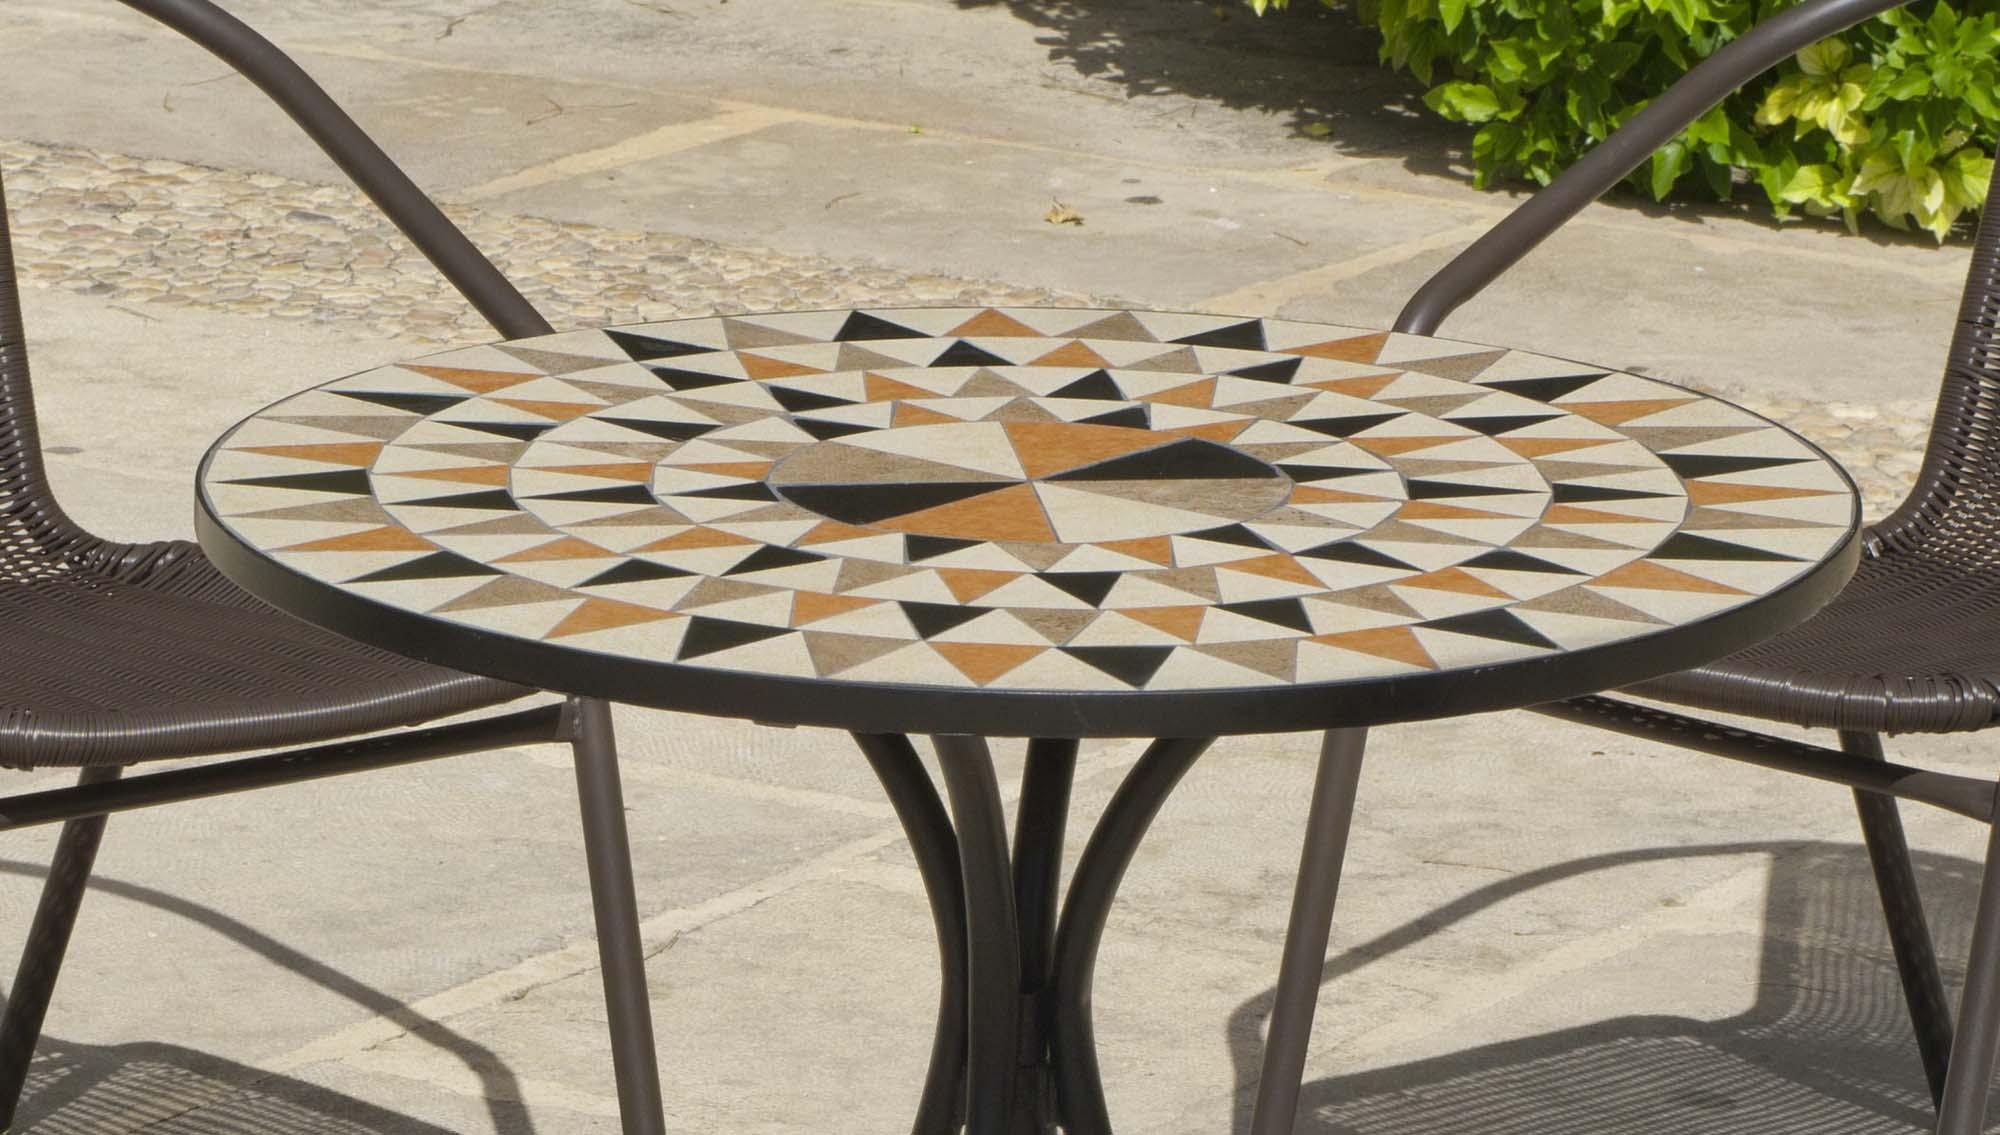 SALON DE JARDIN table ronde mosaïque Albir Brasil - EUR 403 ...